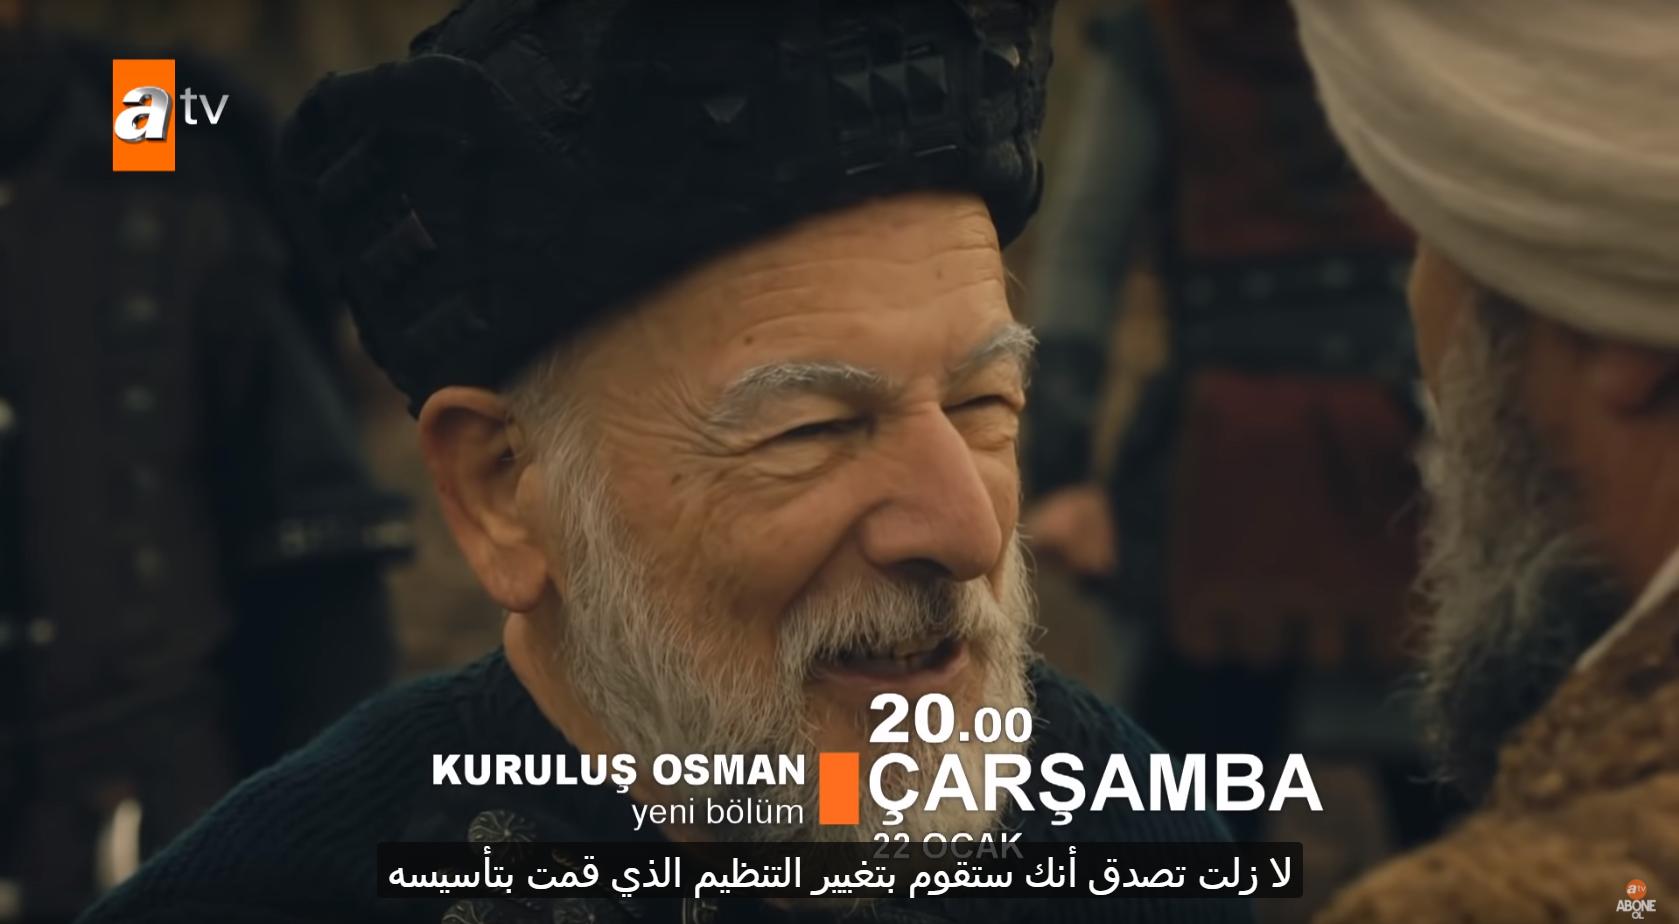 مسلسل المؤسس عثمان الحلقة 5